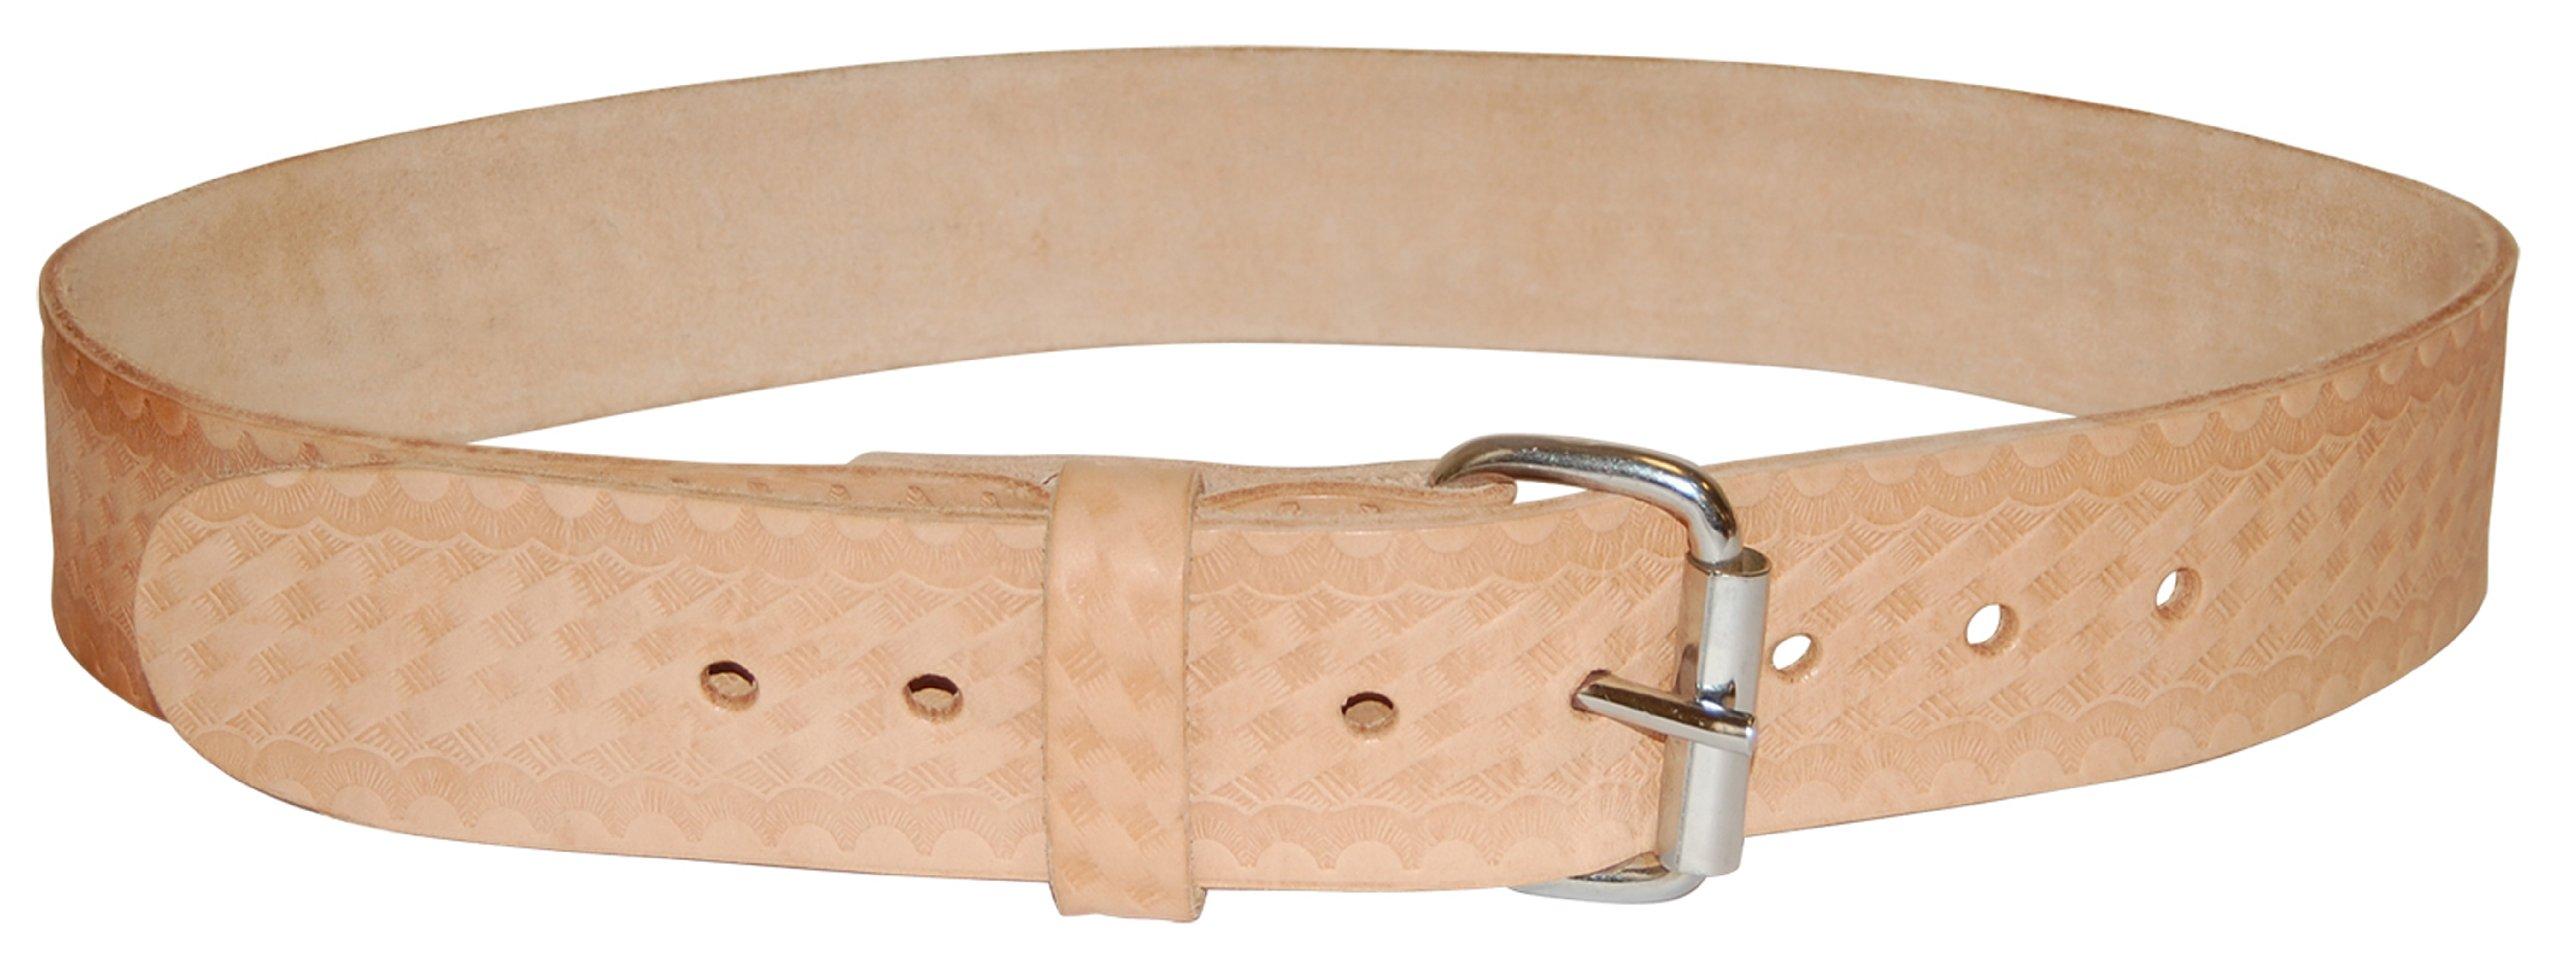 Bucket Boss 55134 Top Grain Leather Work Belt 1.75-Inch